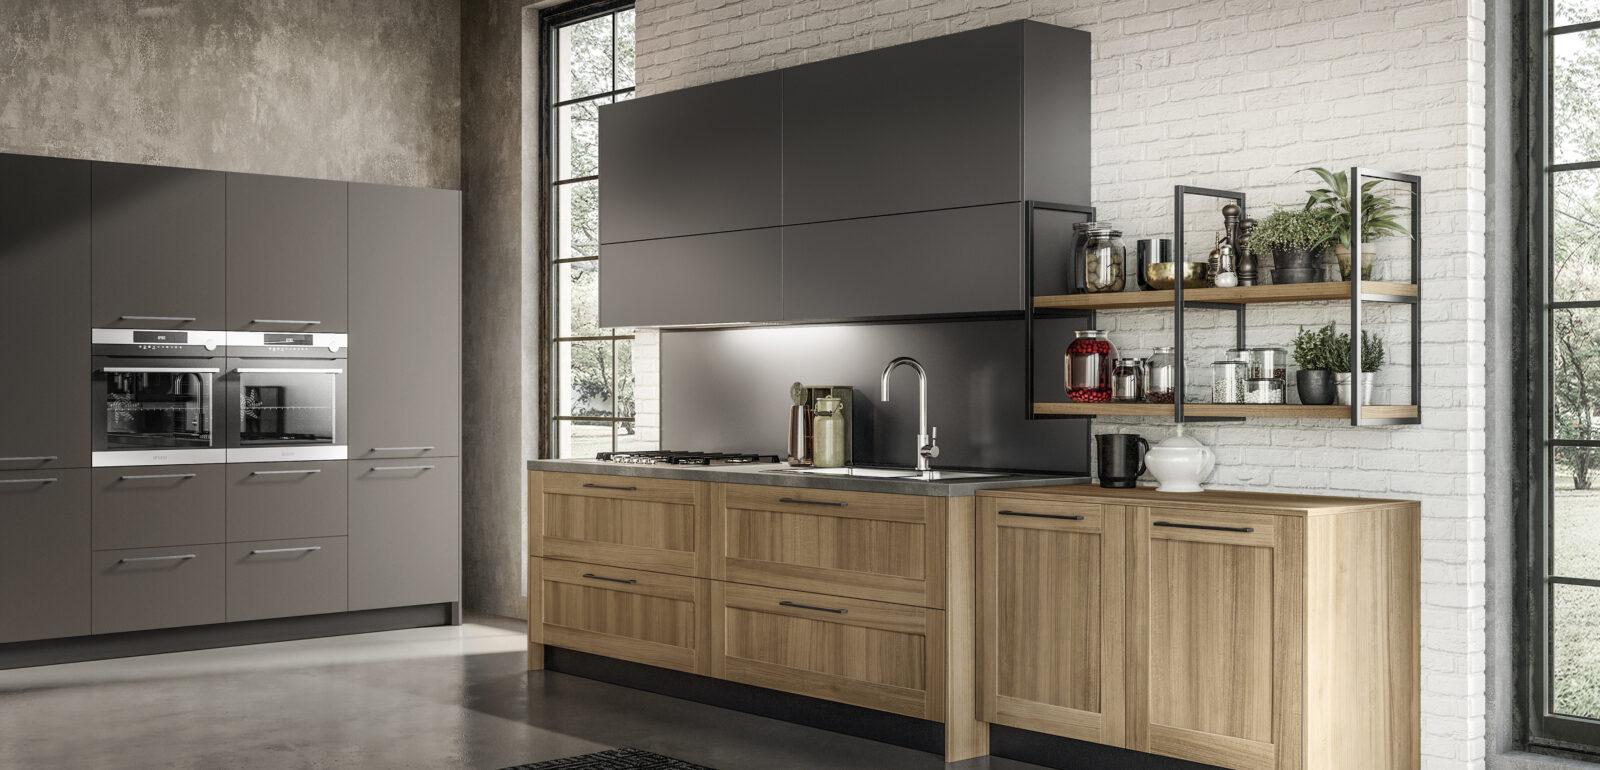 cucina moderna lineare Arredo3 Cloe foto 2